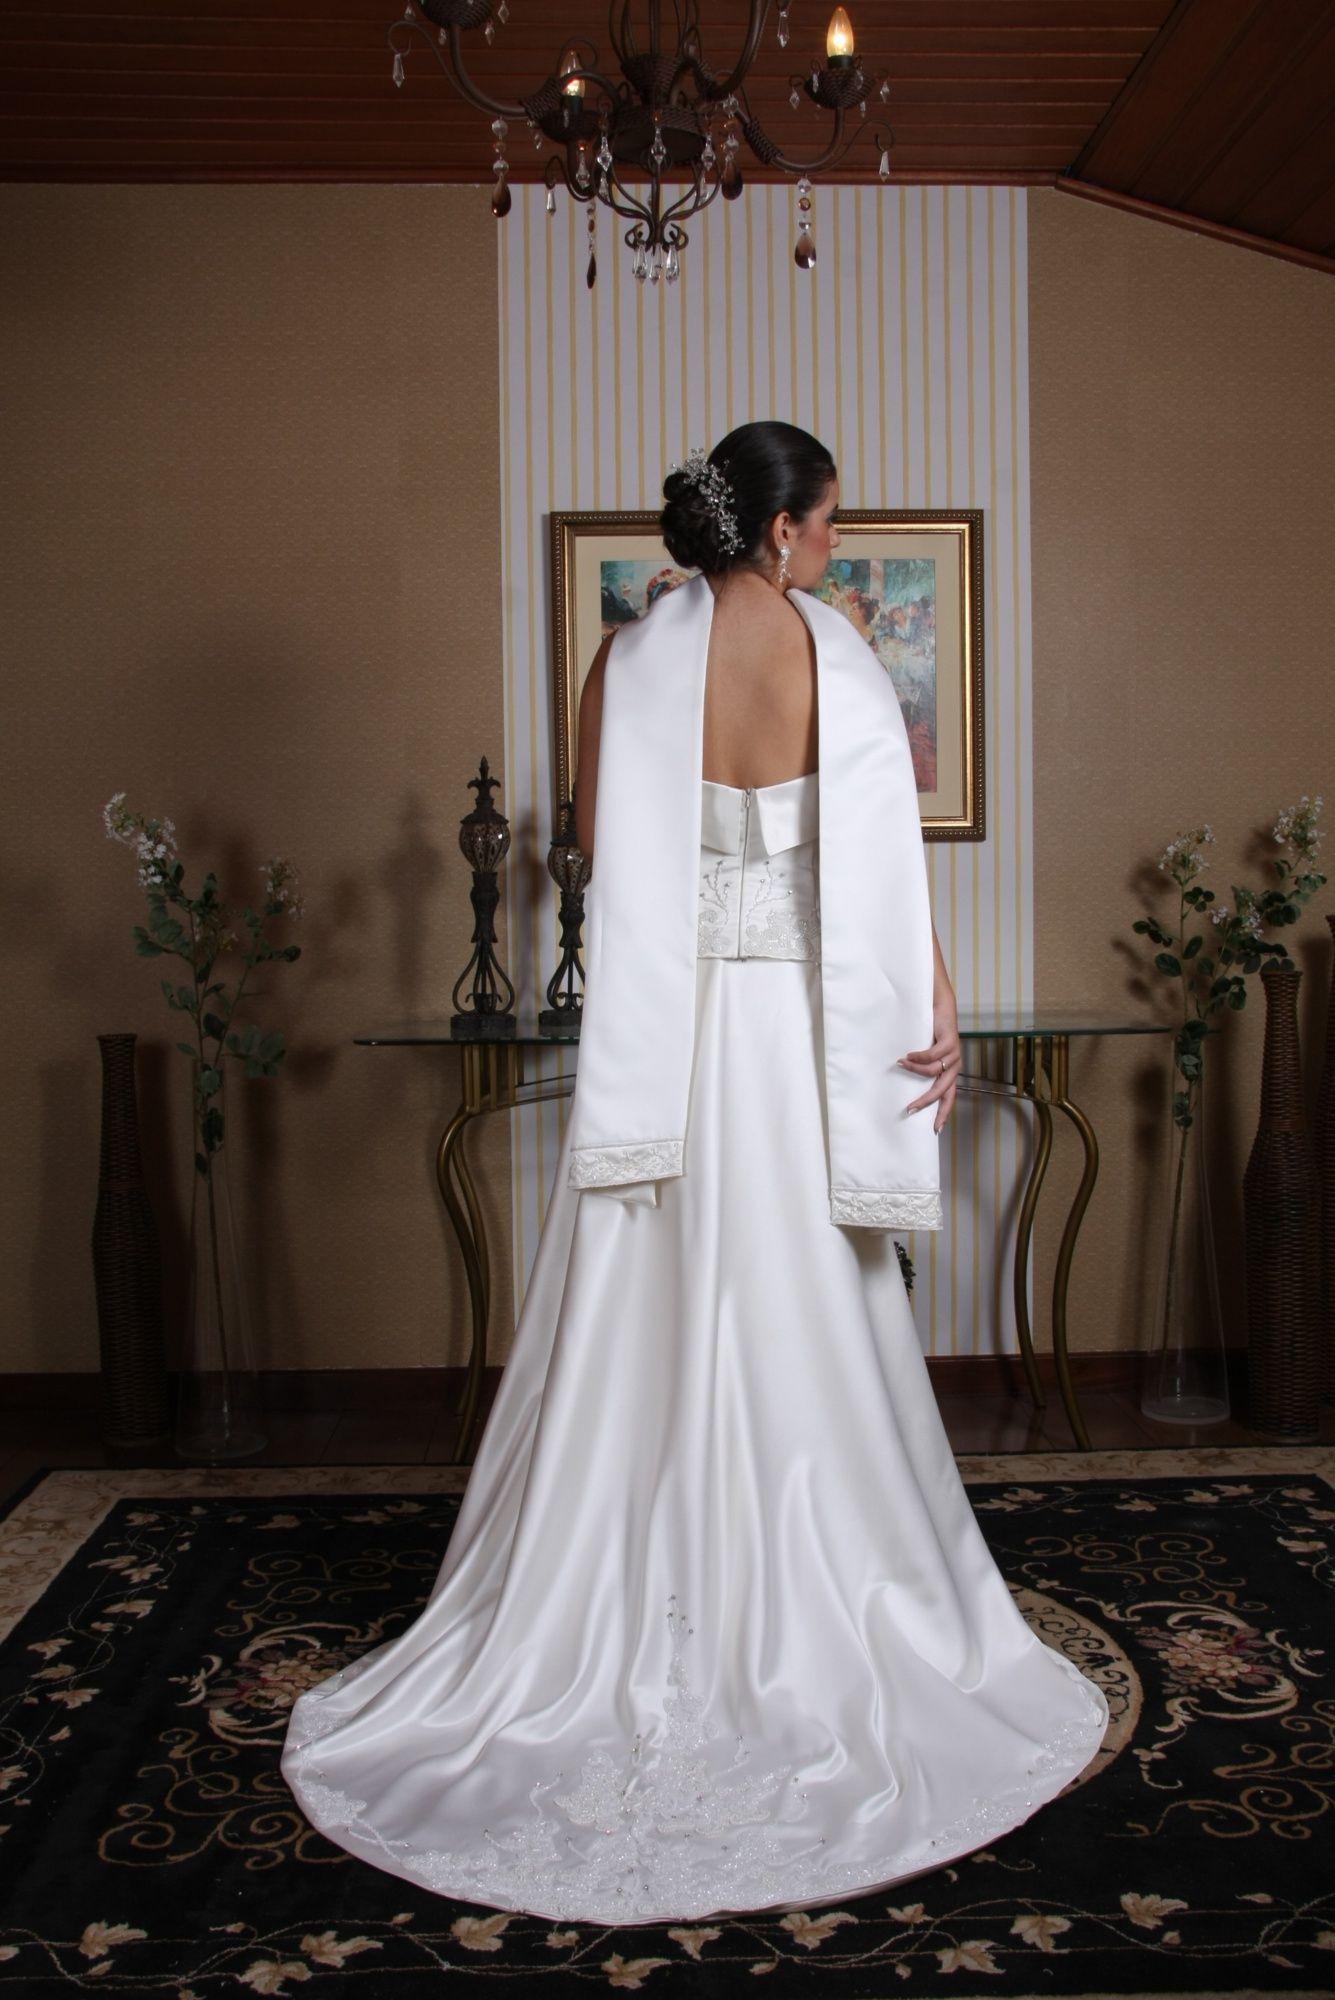 Vestido de Noiva Princesa - 11 - Hipnose Alta Costura e Spa para Noivas e Noivos - Campinas - SP Vestido de Noiva, Vestido de Noiva Princesa, Hipnose Alta Costura